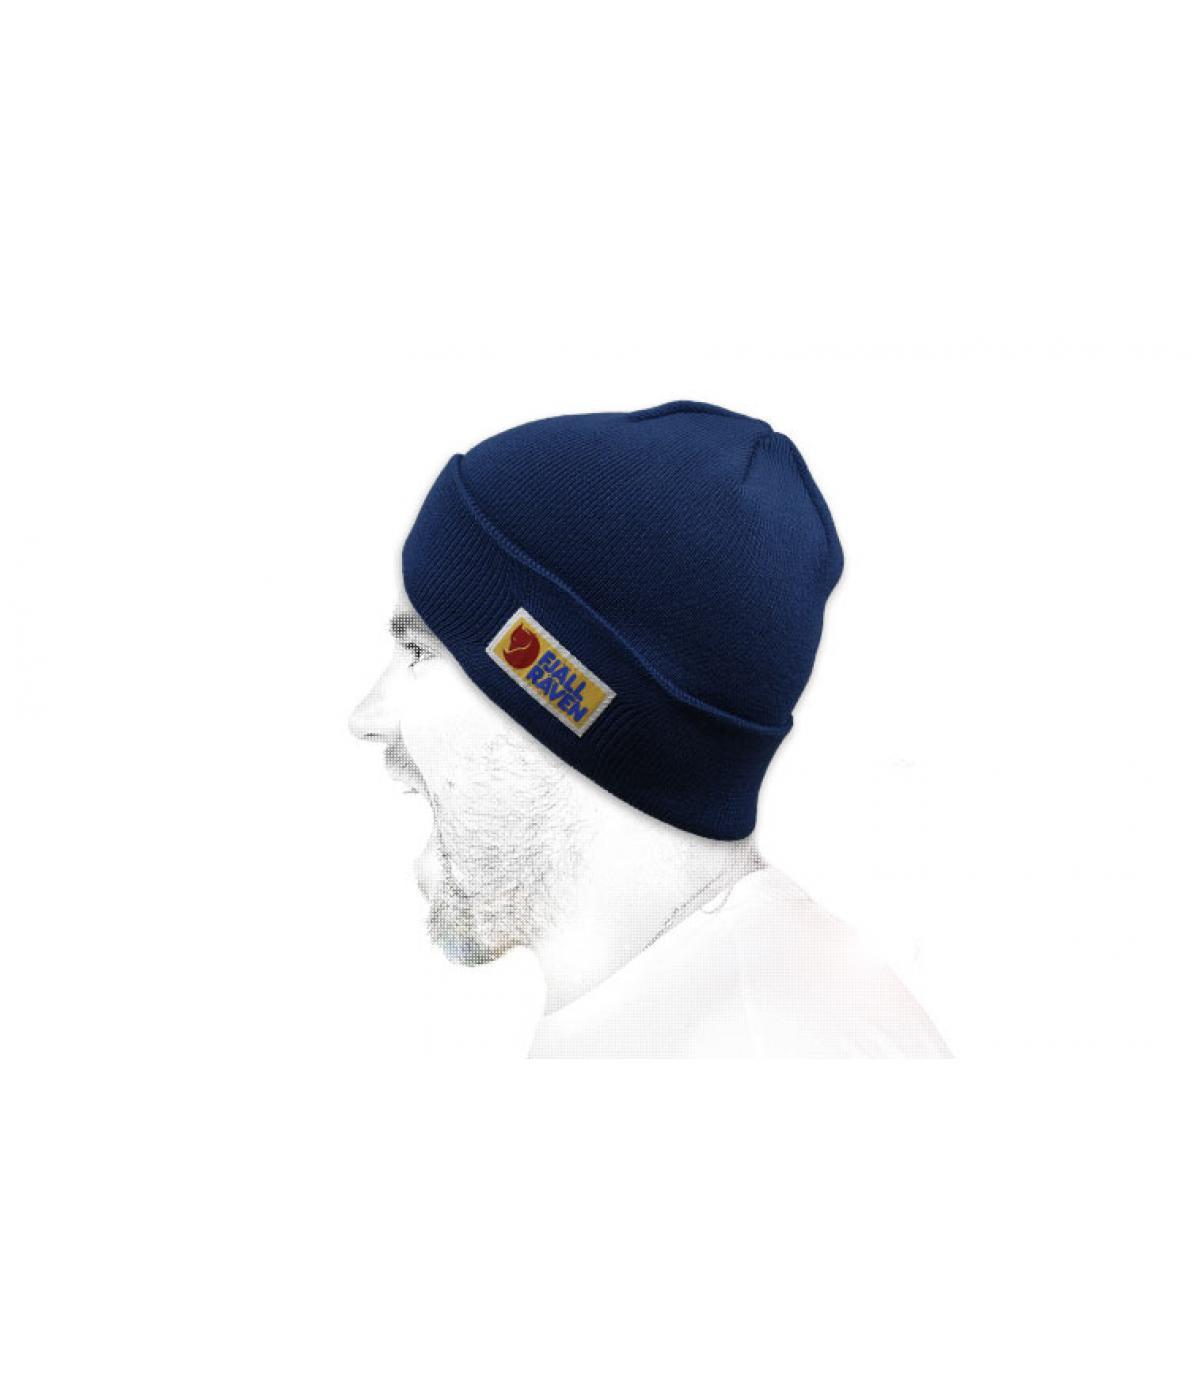 bonnet Fjällräven bleu